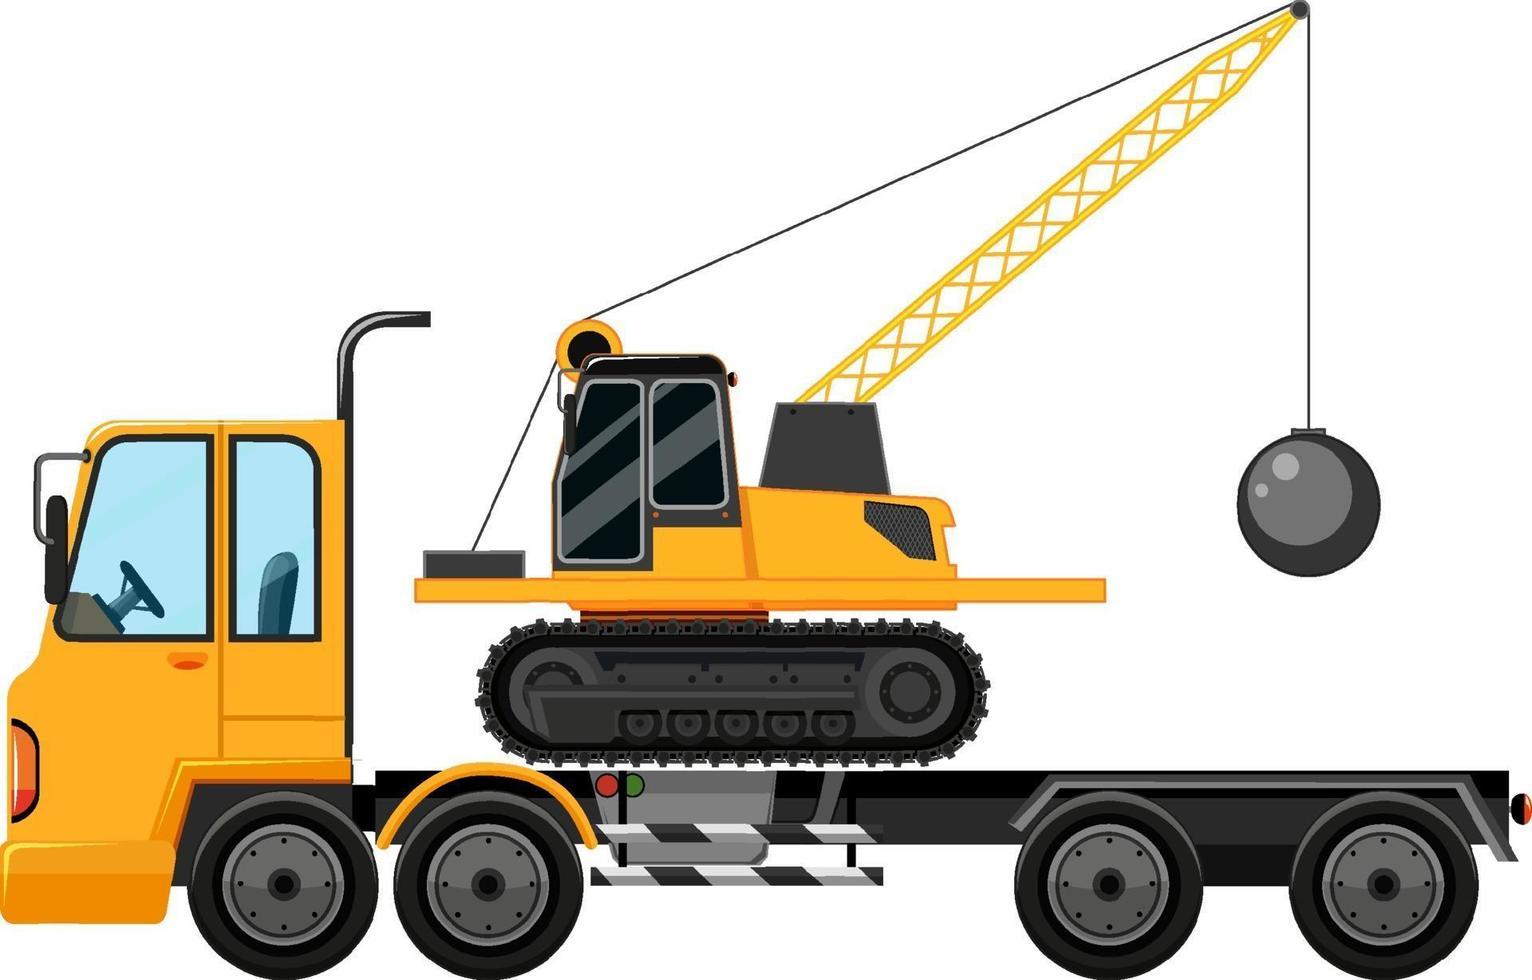 carro attrezzi che trasportano bulldozer sfondo isolato vettore